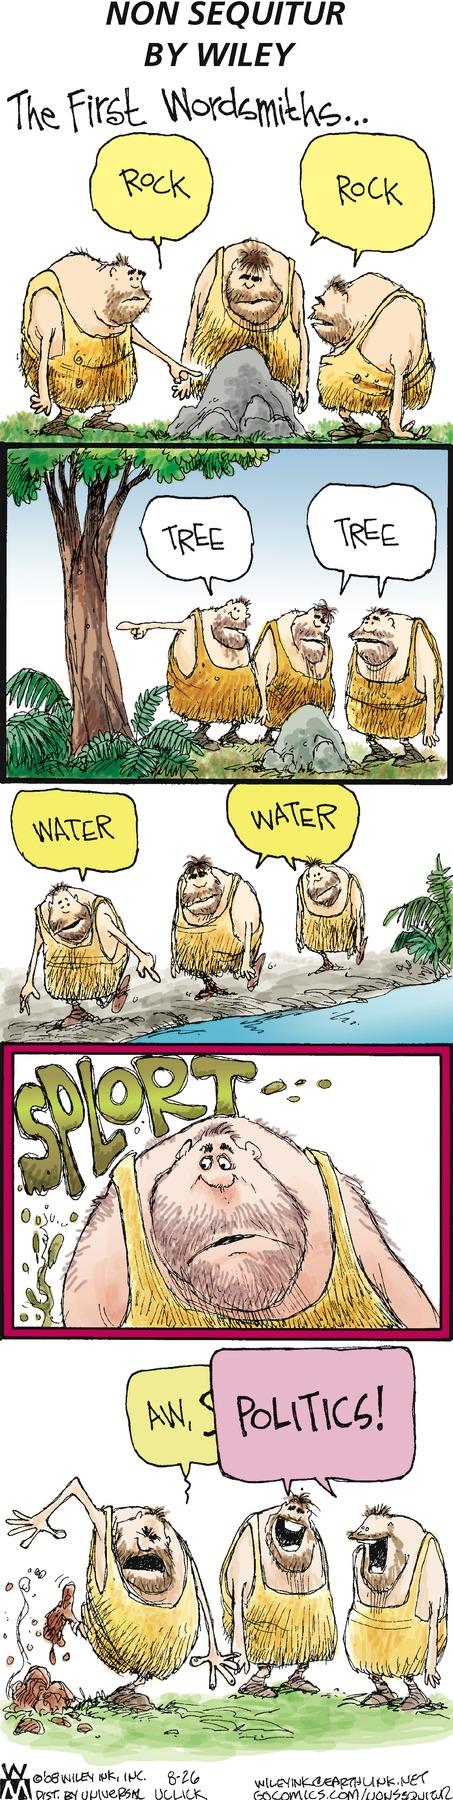 Caveman 1: Rock. Caveman 2 and Caveman 3: Rock. Caveman 1: Tree. Caveman 2 and Caveman 3: Tree. Caveman 1: Water. Caveman 2 and Caveman 3: Water. Caveman 1: Aw, s--. Caveman 2 and Caveman 3: Politics! The First Wordsmiths...